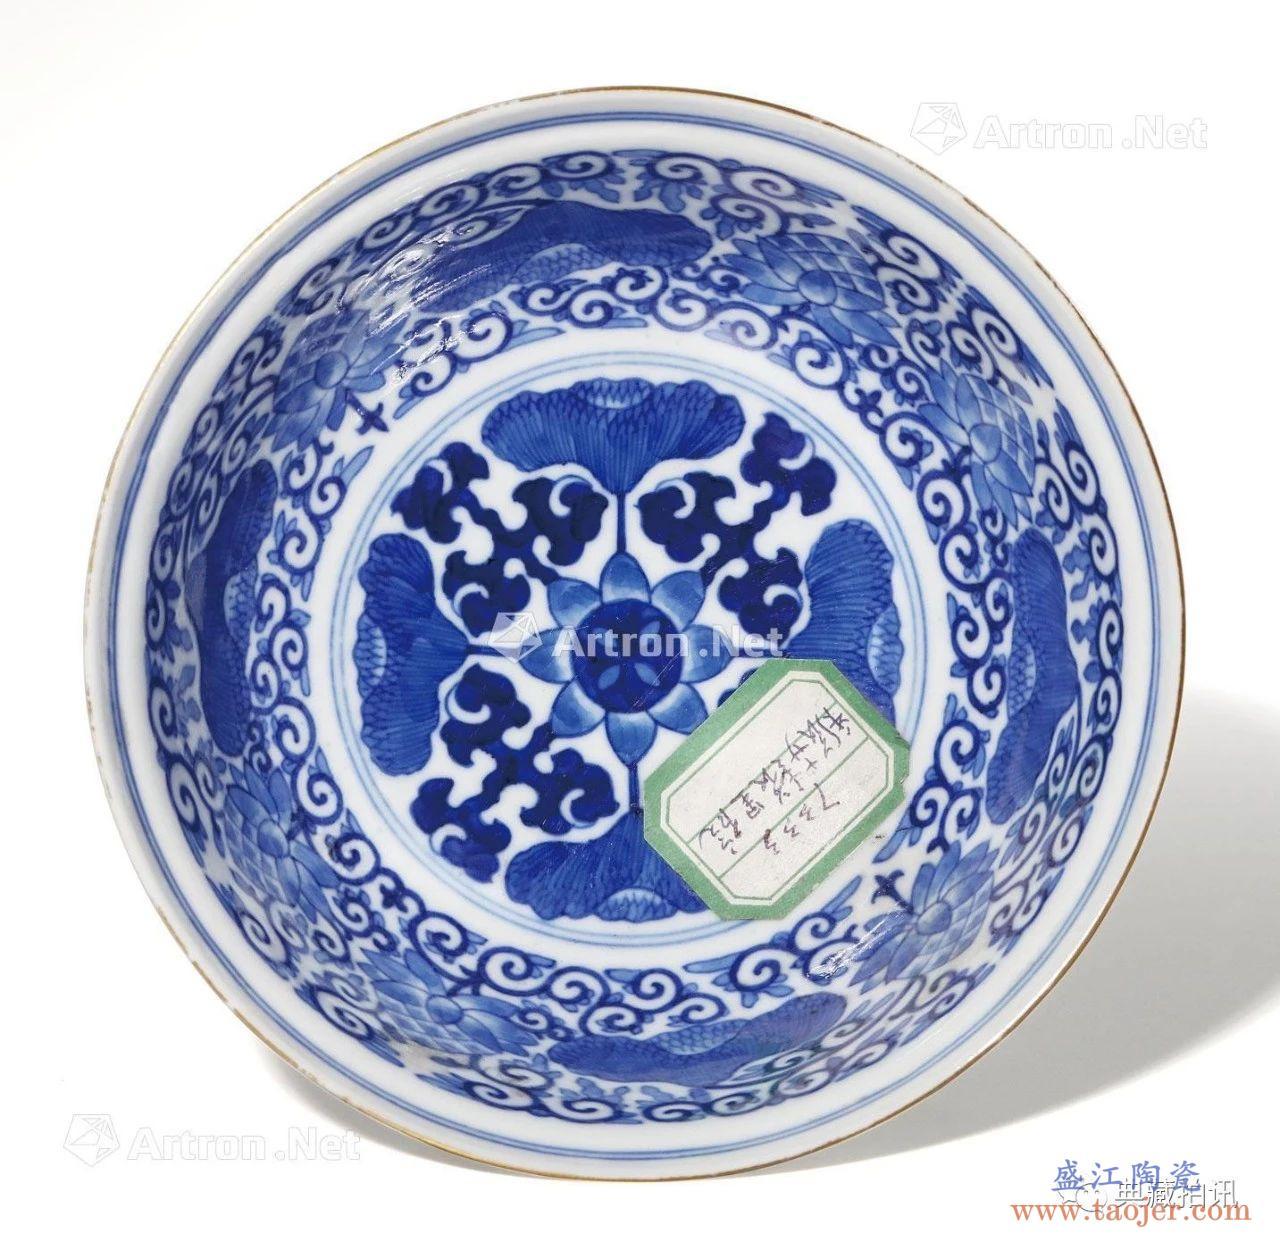 晚清瓷器中的回光返照——宣统瓷器为何这么贵?